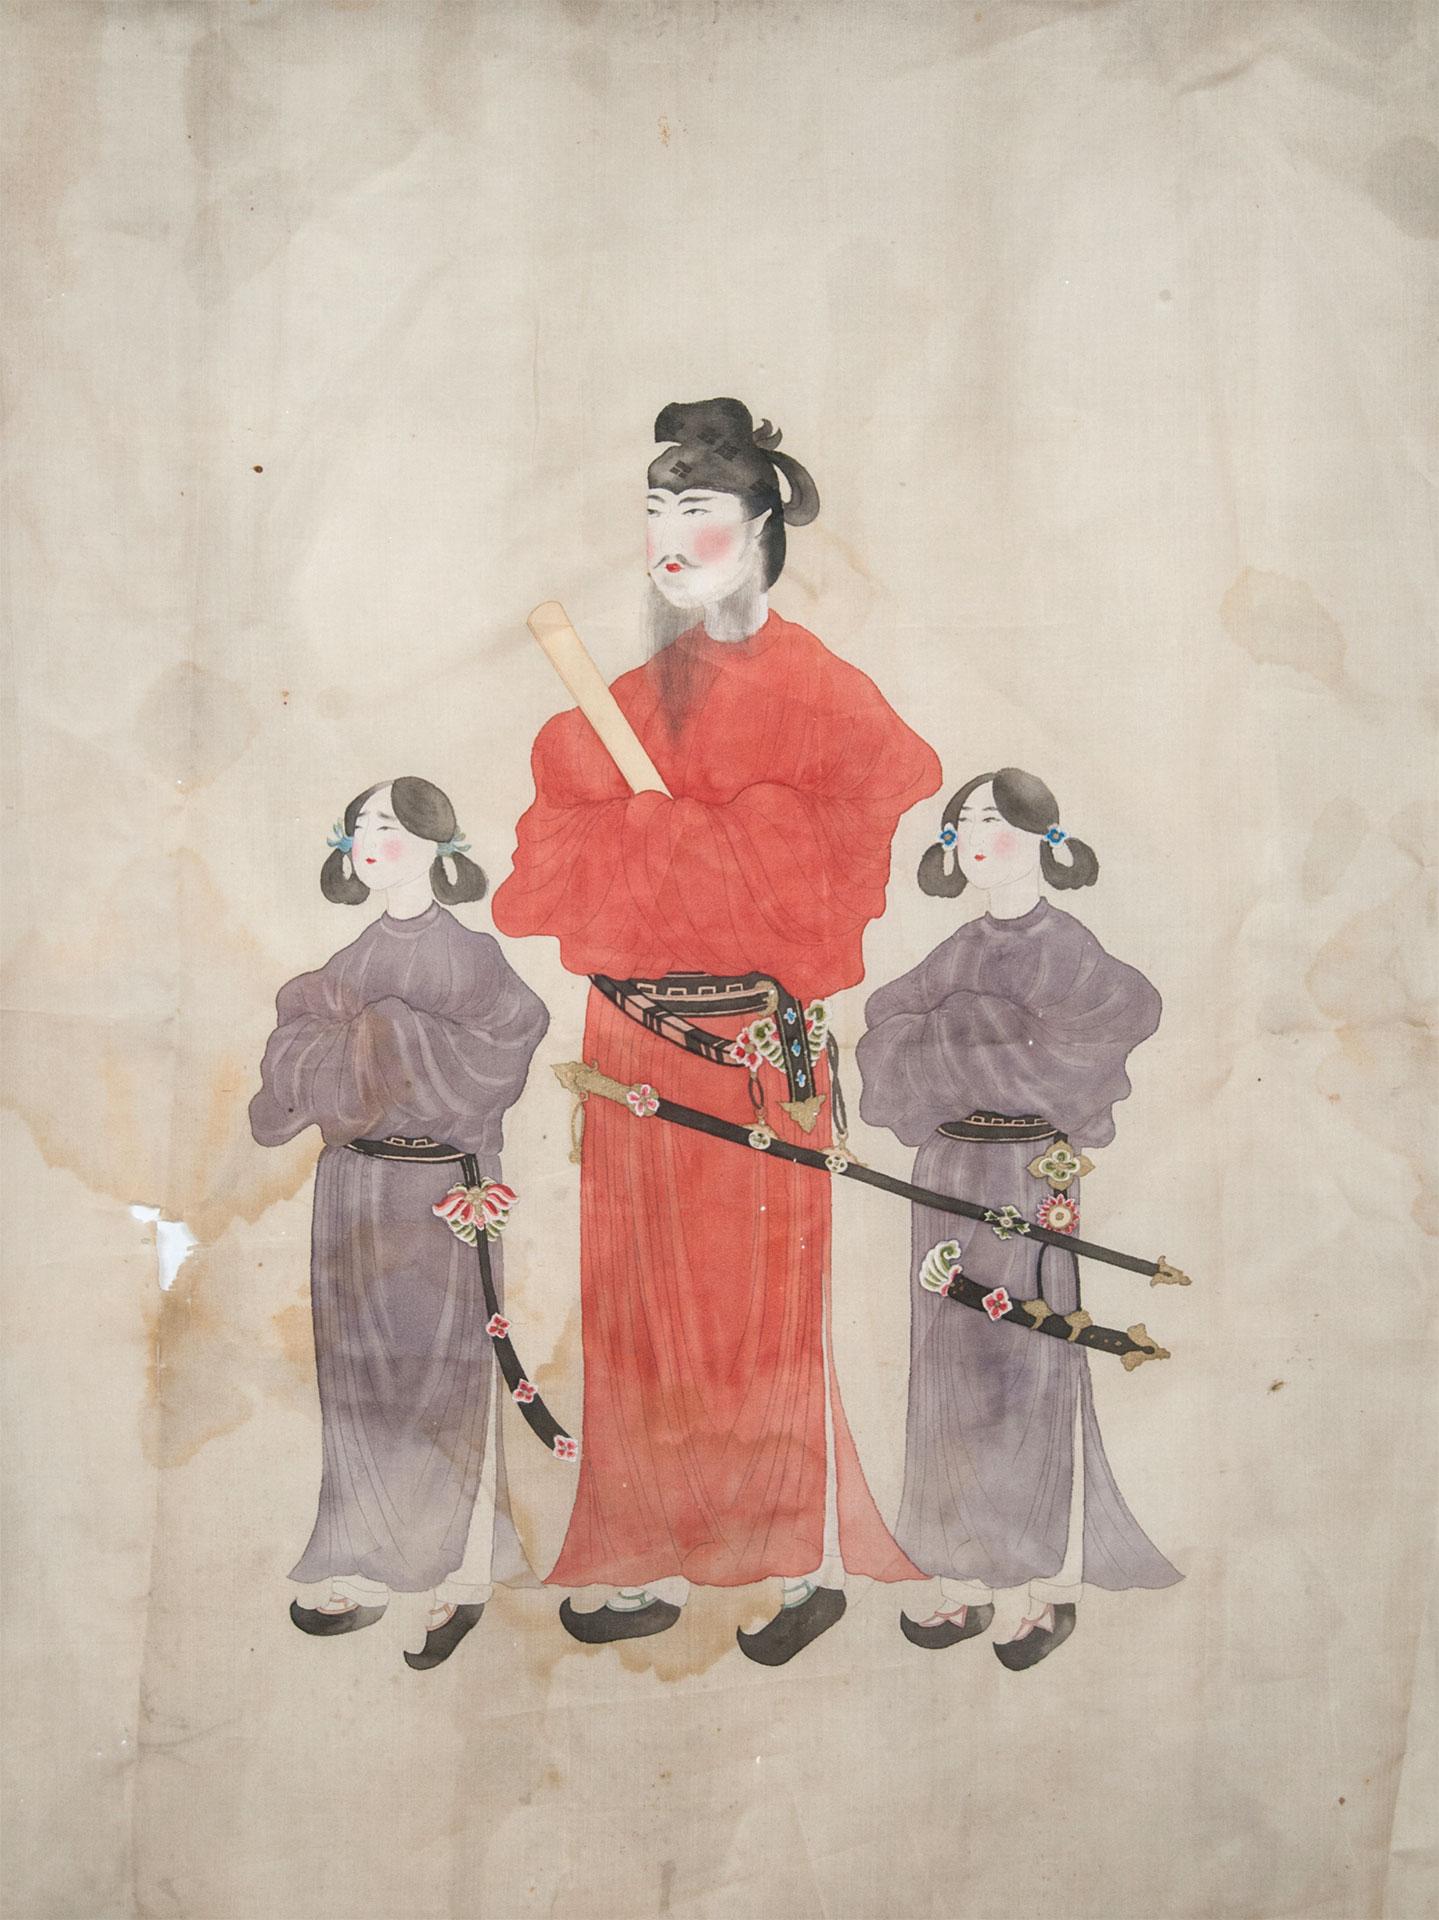 唐本御影写 聖徳太子二童子像* - Portrait of Prince Shotoku